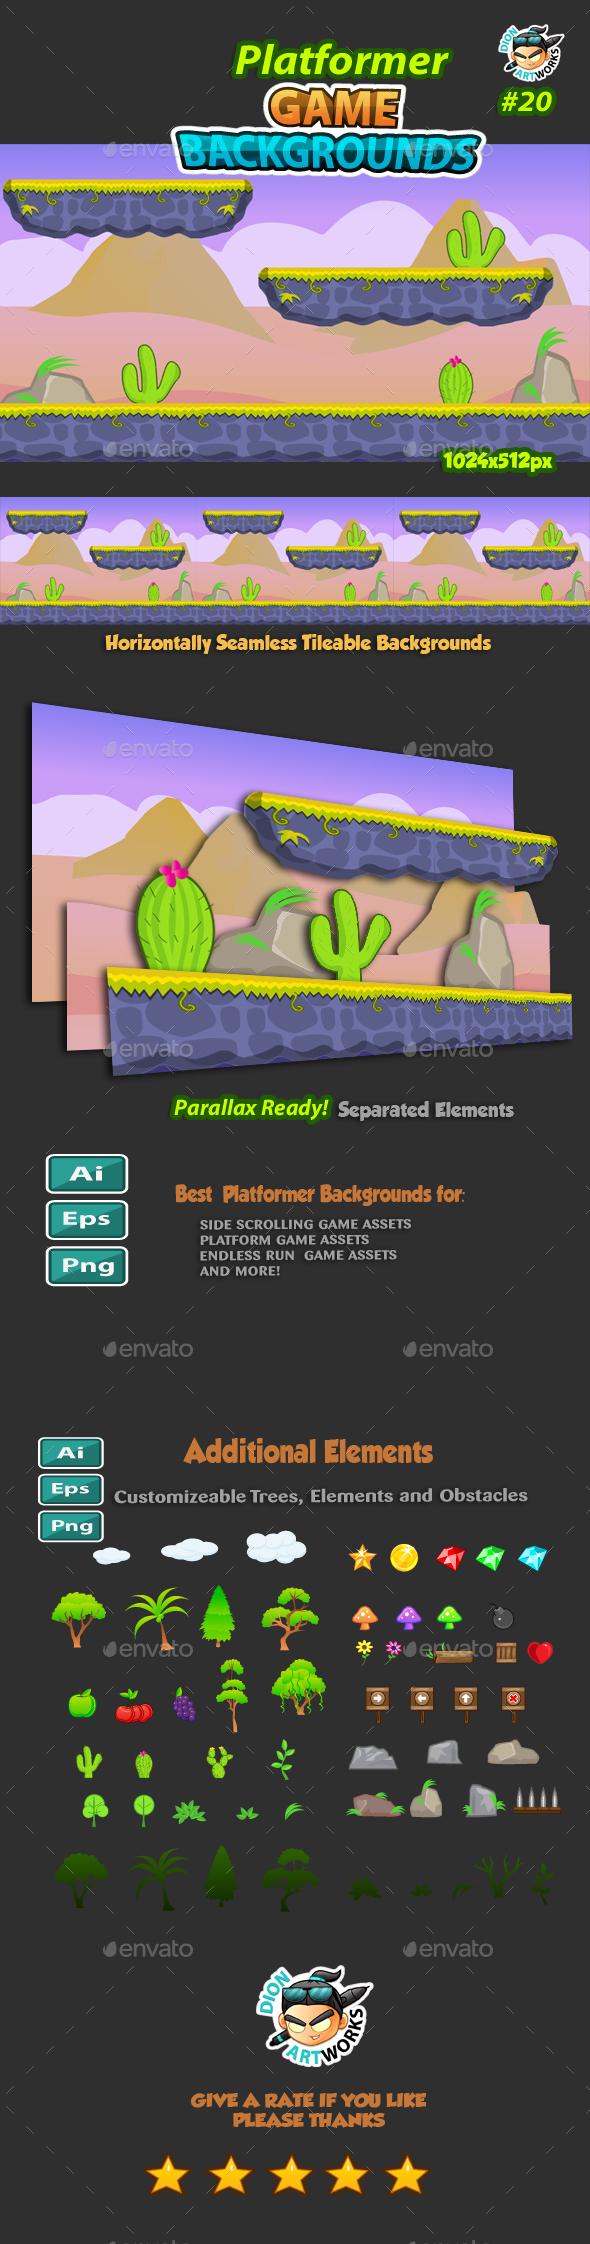 Platformer Game Background 20 (Backgrounds)